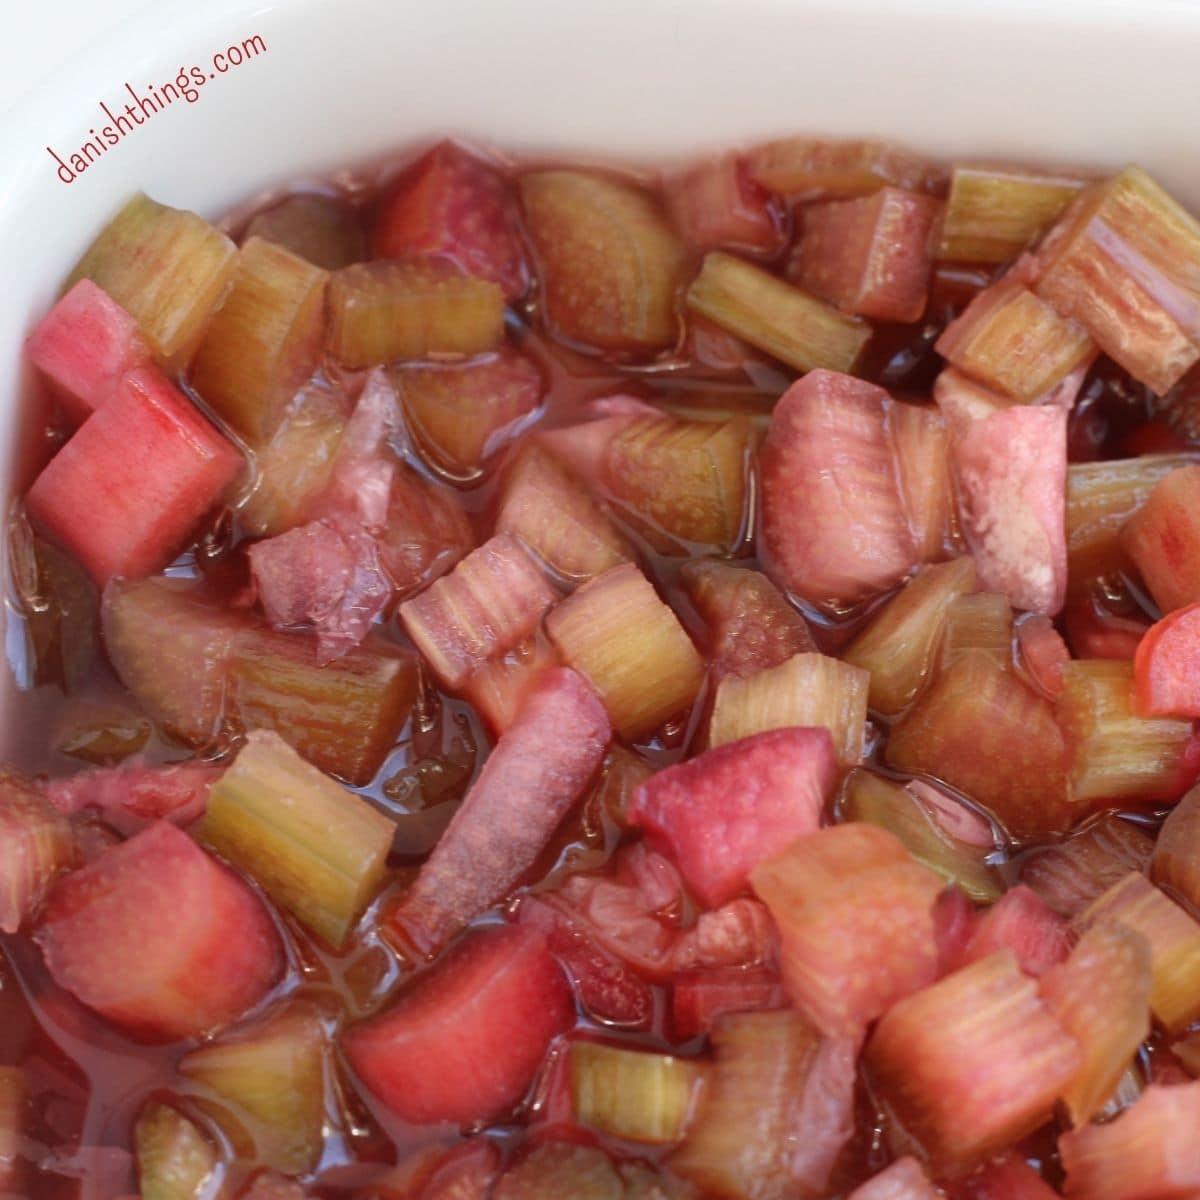 Lav nemt råsyltede eller råmarinerede rabarber med roser, hyldeblomst eller… Brug dine rabarber i salater, kager som tilbehør til din morgengrød, yoghurt, til flødeis og sorbet… Find opskrifter, gratis print og inspiration til årets gang på danishthings.com #DanishThings #rabarber #råsylte #råsyltede #sylte #marinere #råmarinerede #roser #hyldeblomst #grønnerabarber #haverabarber #SpisForåret #SpisSommeren #tilbehør